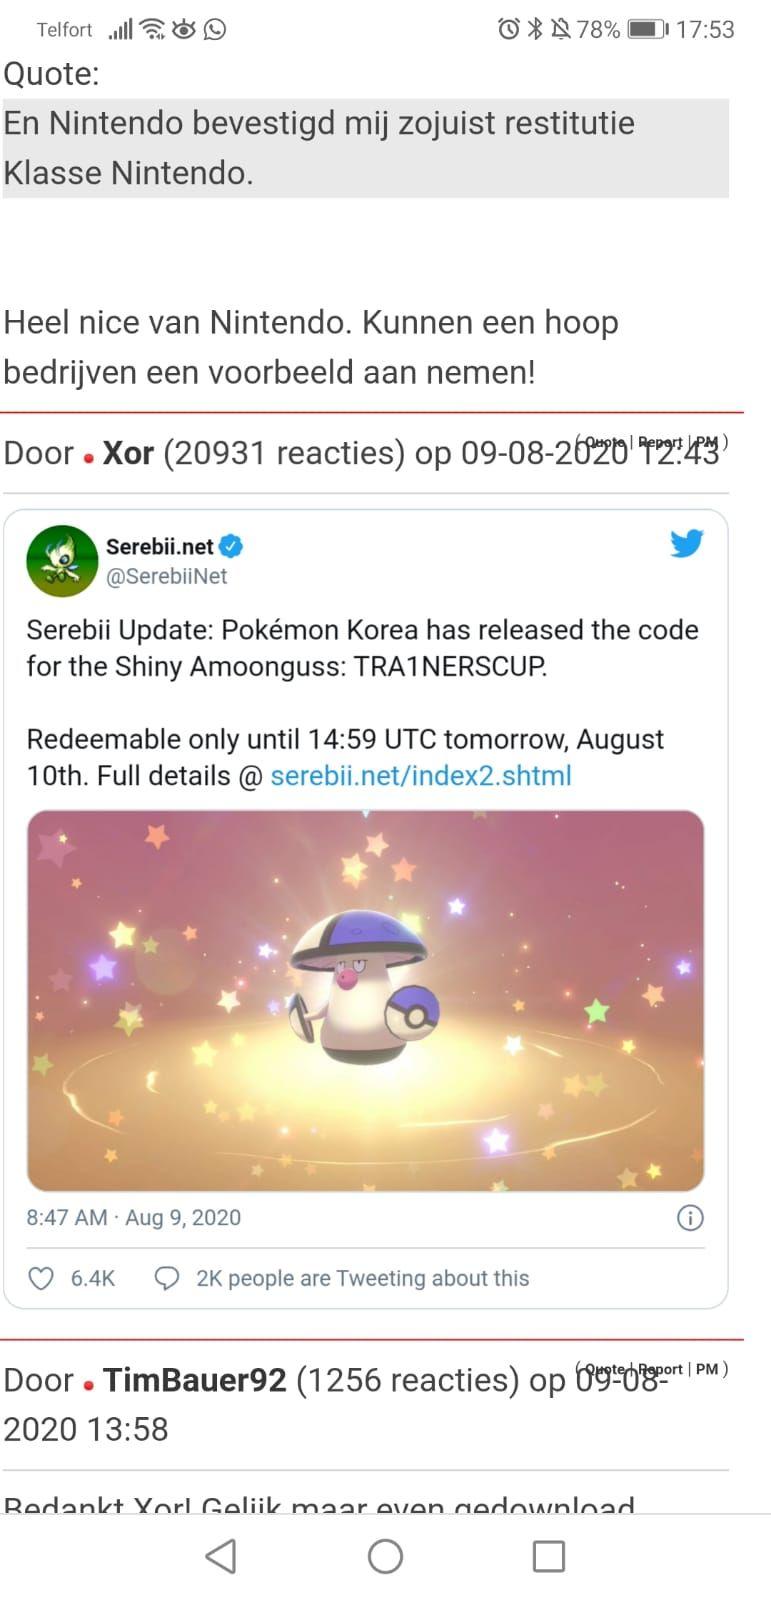 Gratis shiny Pokémon voor Sword / Shield